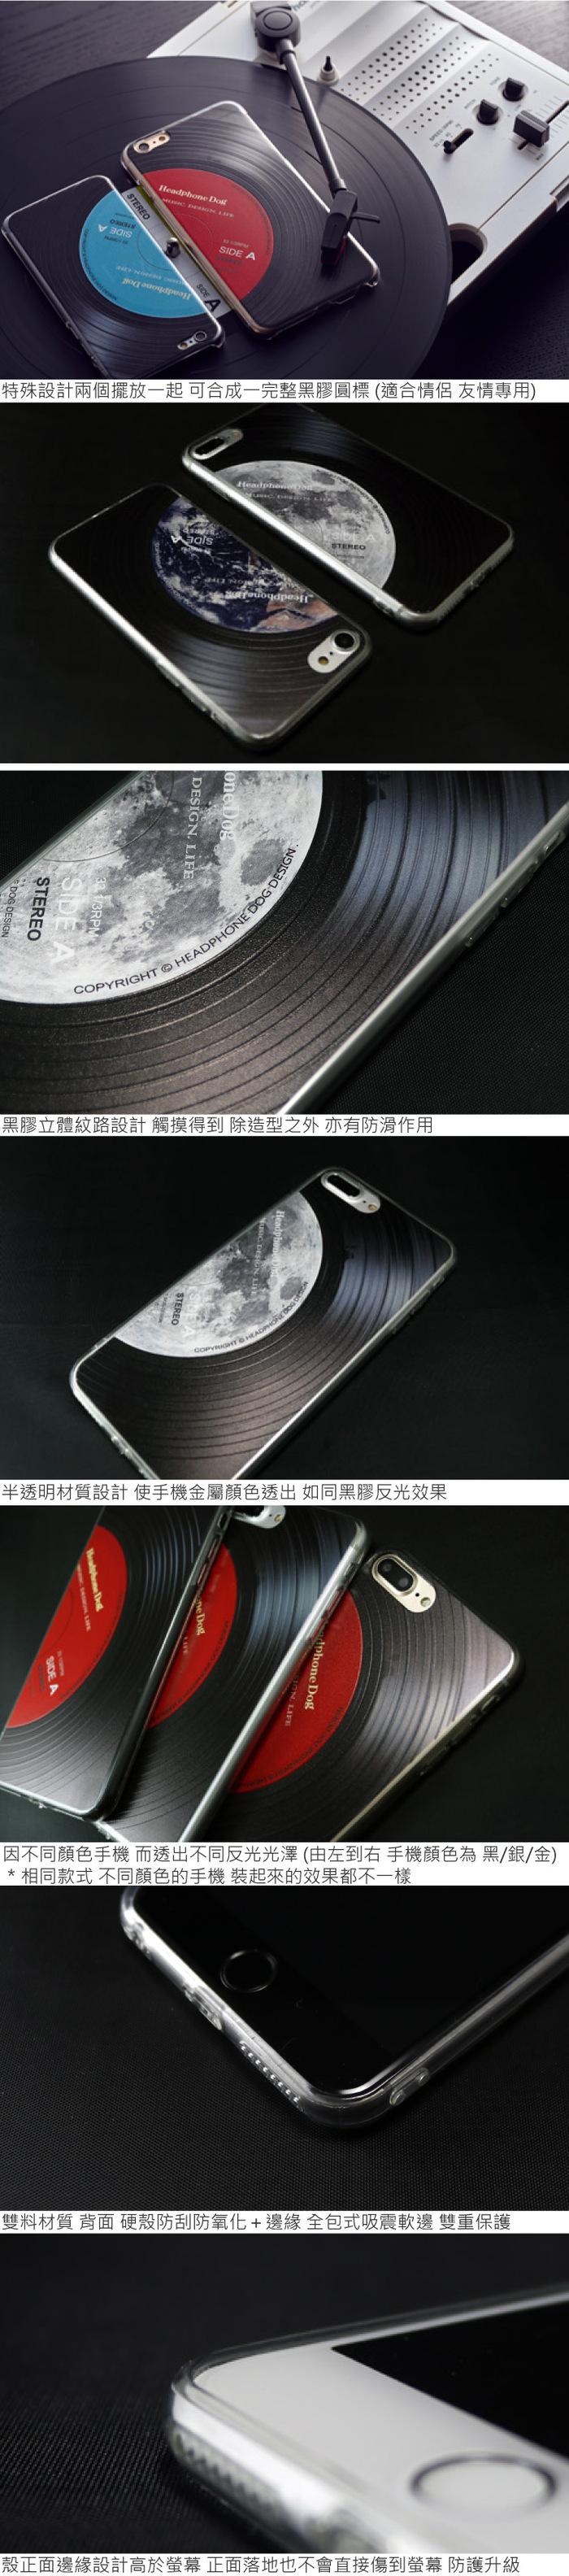 HeadphoneDog|黑膠立體刻紋iPhone手機殼-經典紅